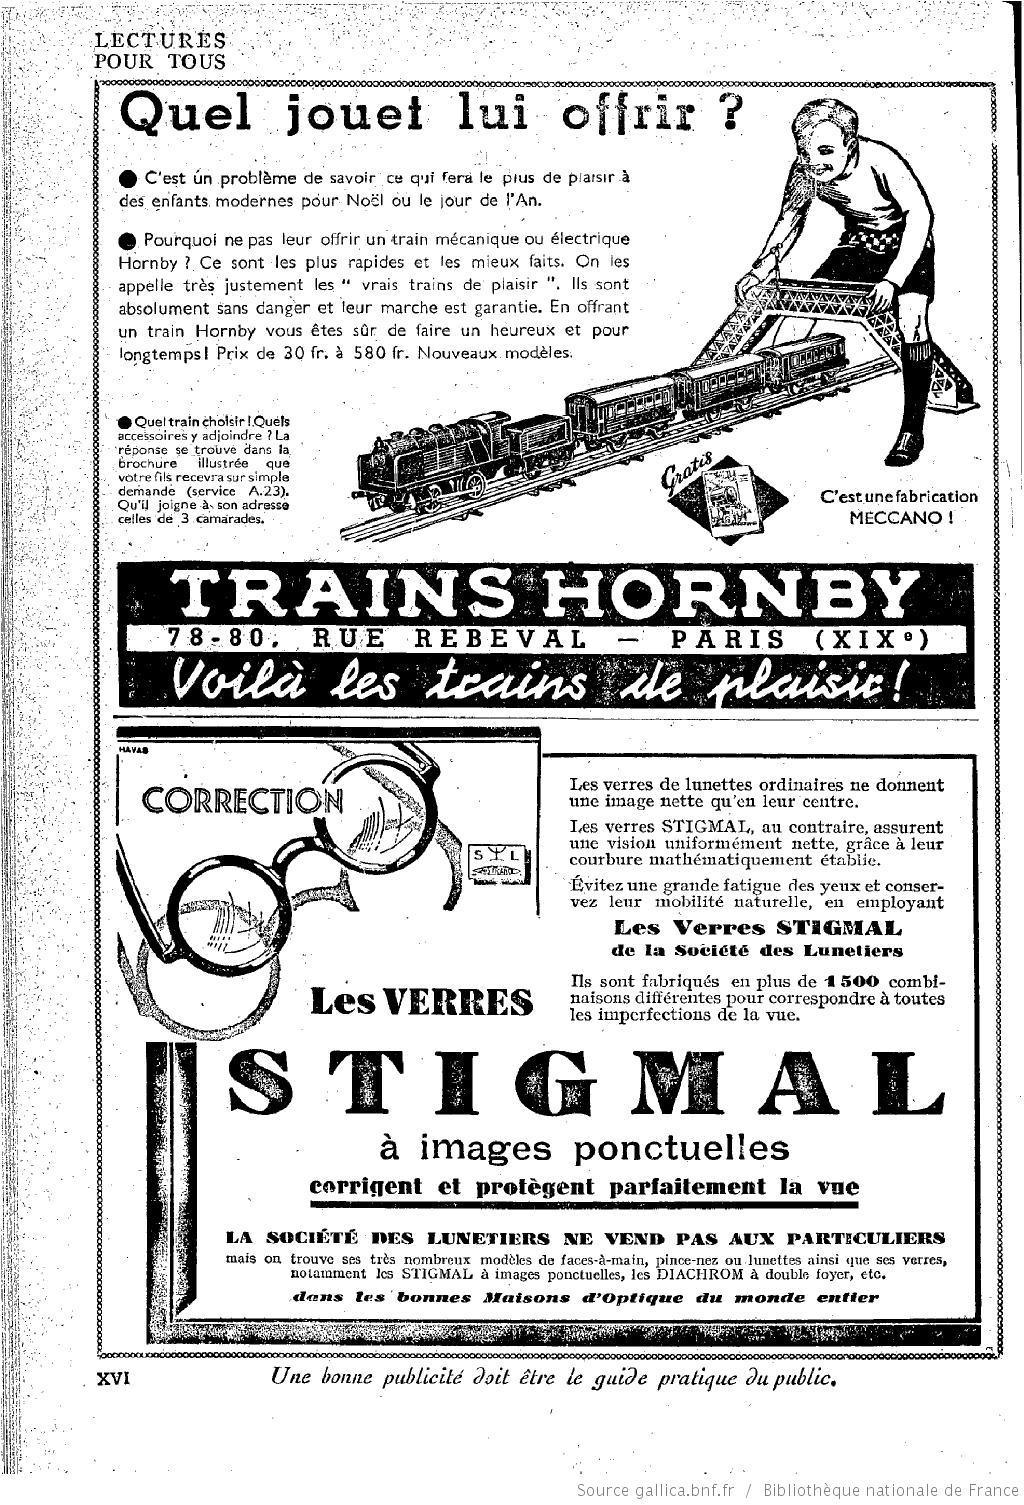 Lectures pour tous : revue universelle et populaire illustrée | 1934-03 | Gallica